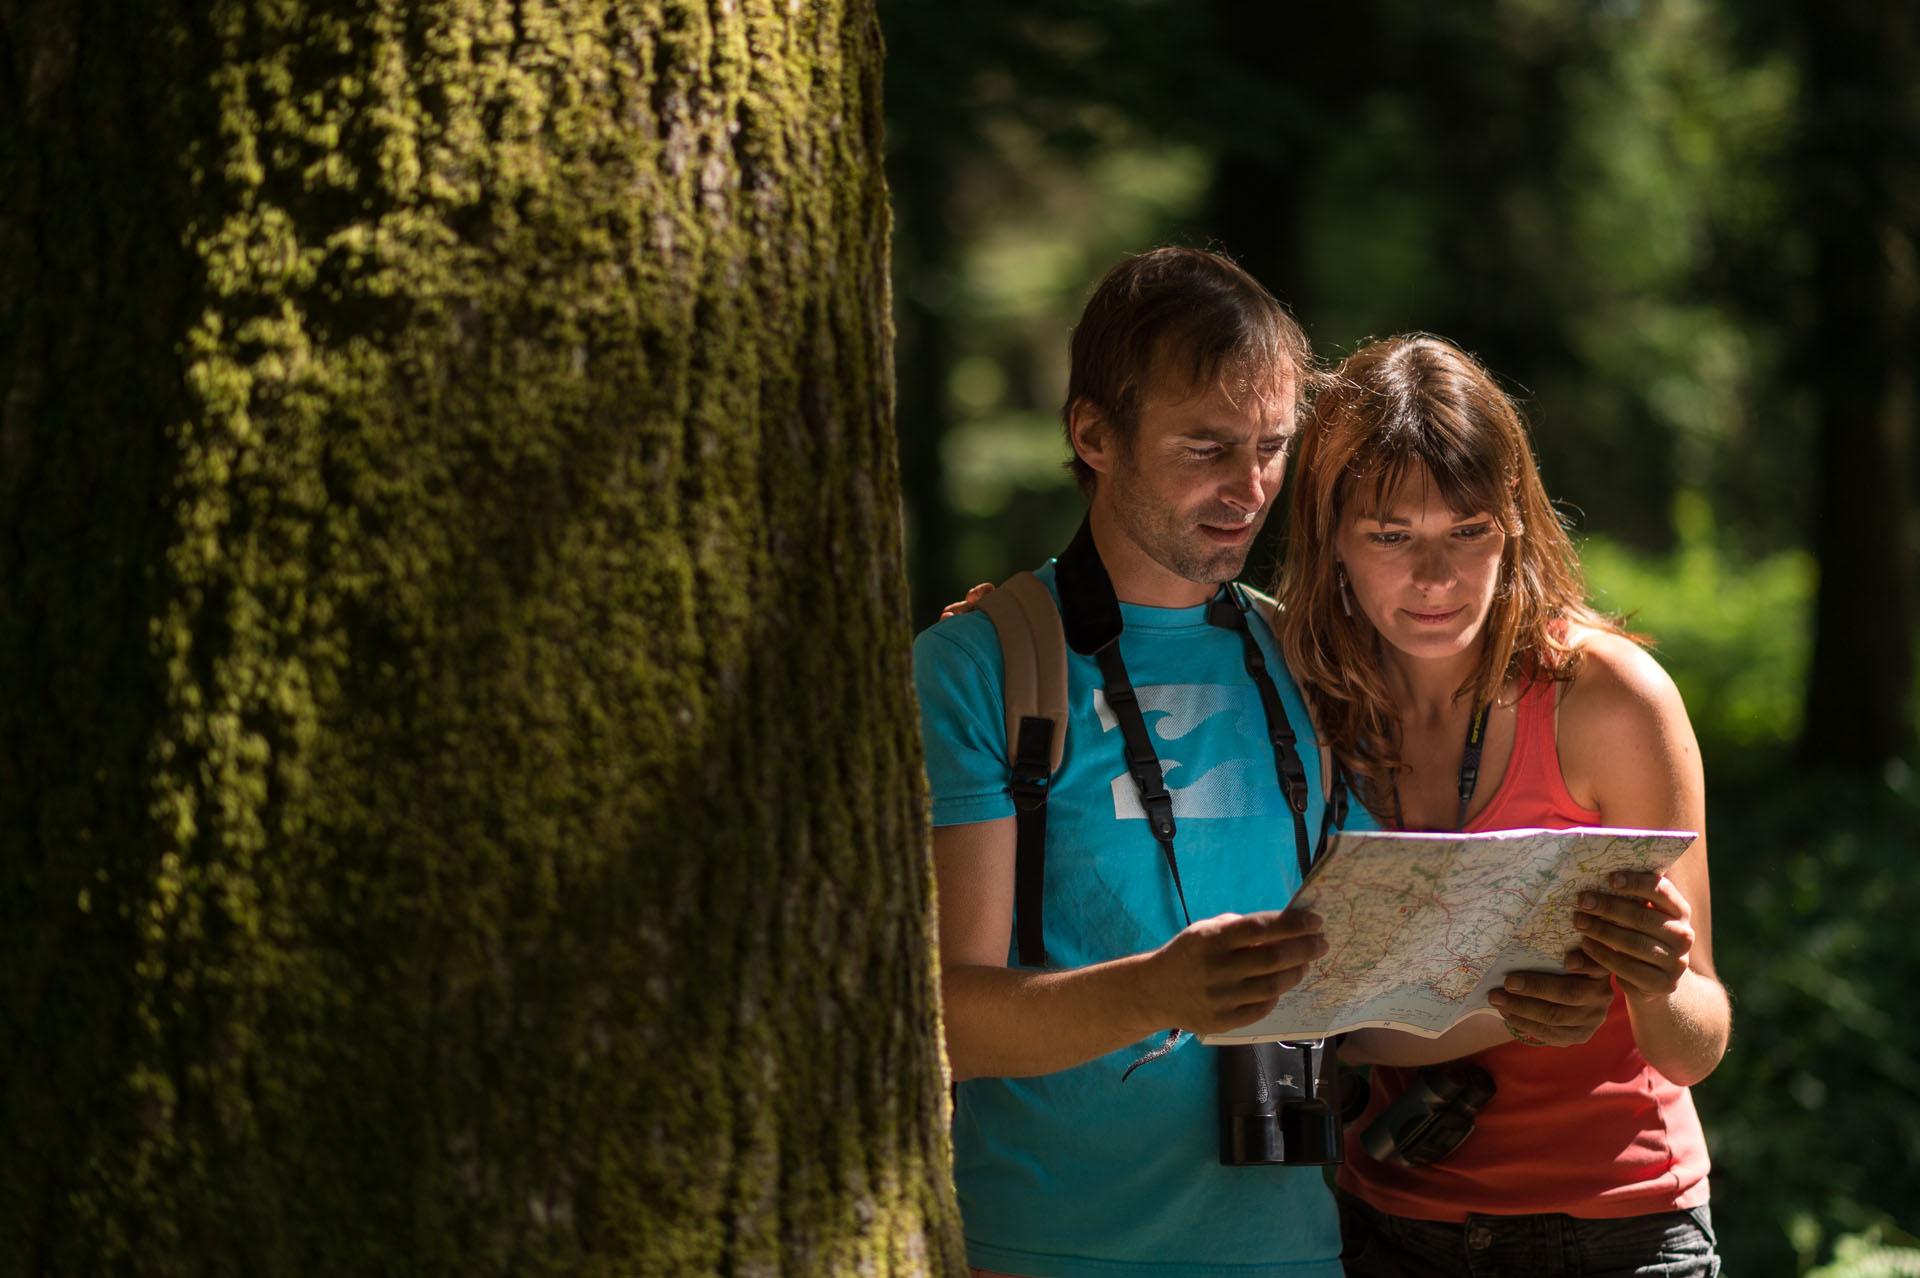 balade dans la forêt départementale d'Avaugour Bois Meur, Saint-Péver, Côtes d'Armor